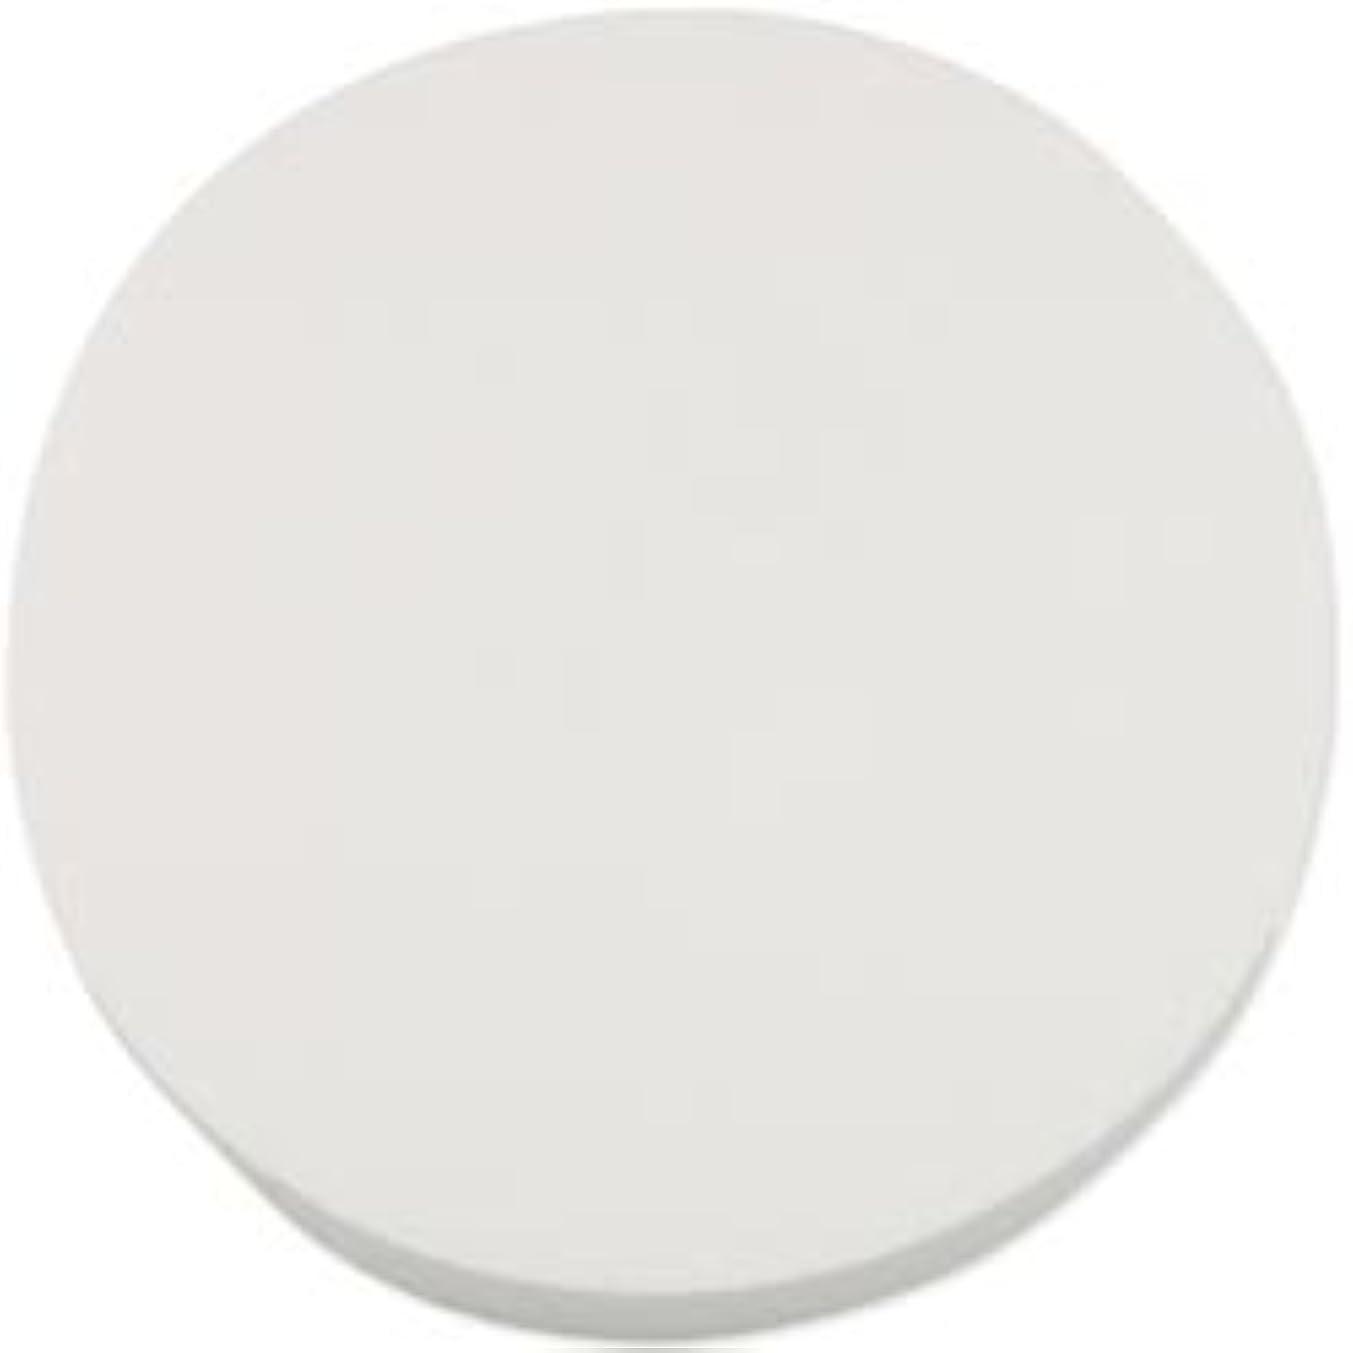 Bulk Buy: Smoothfoam Styrofoam Disc 8